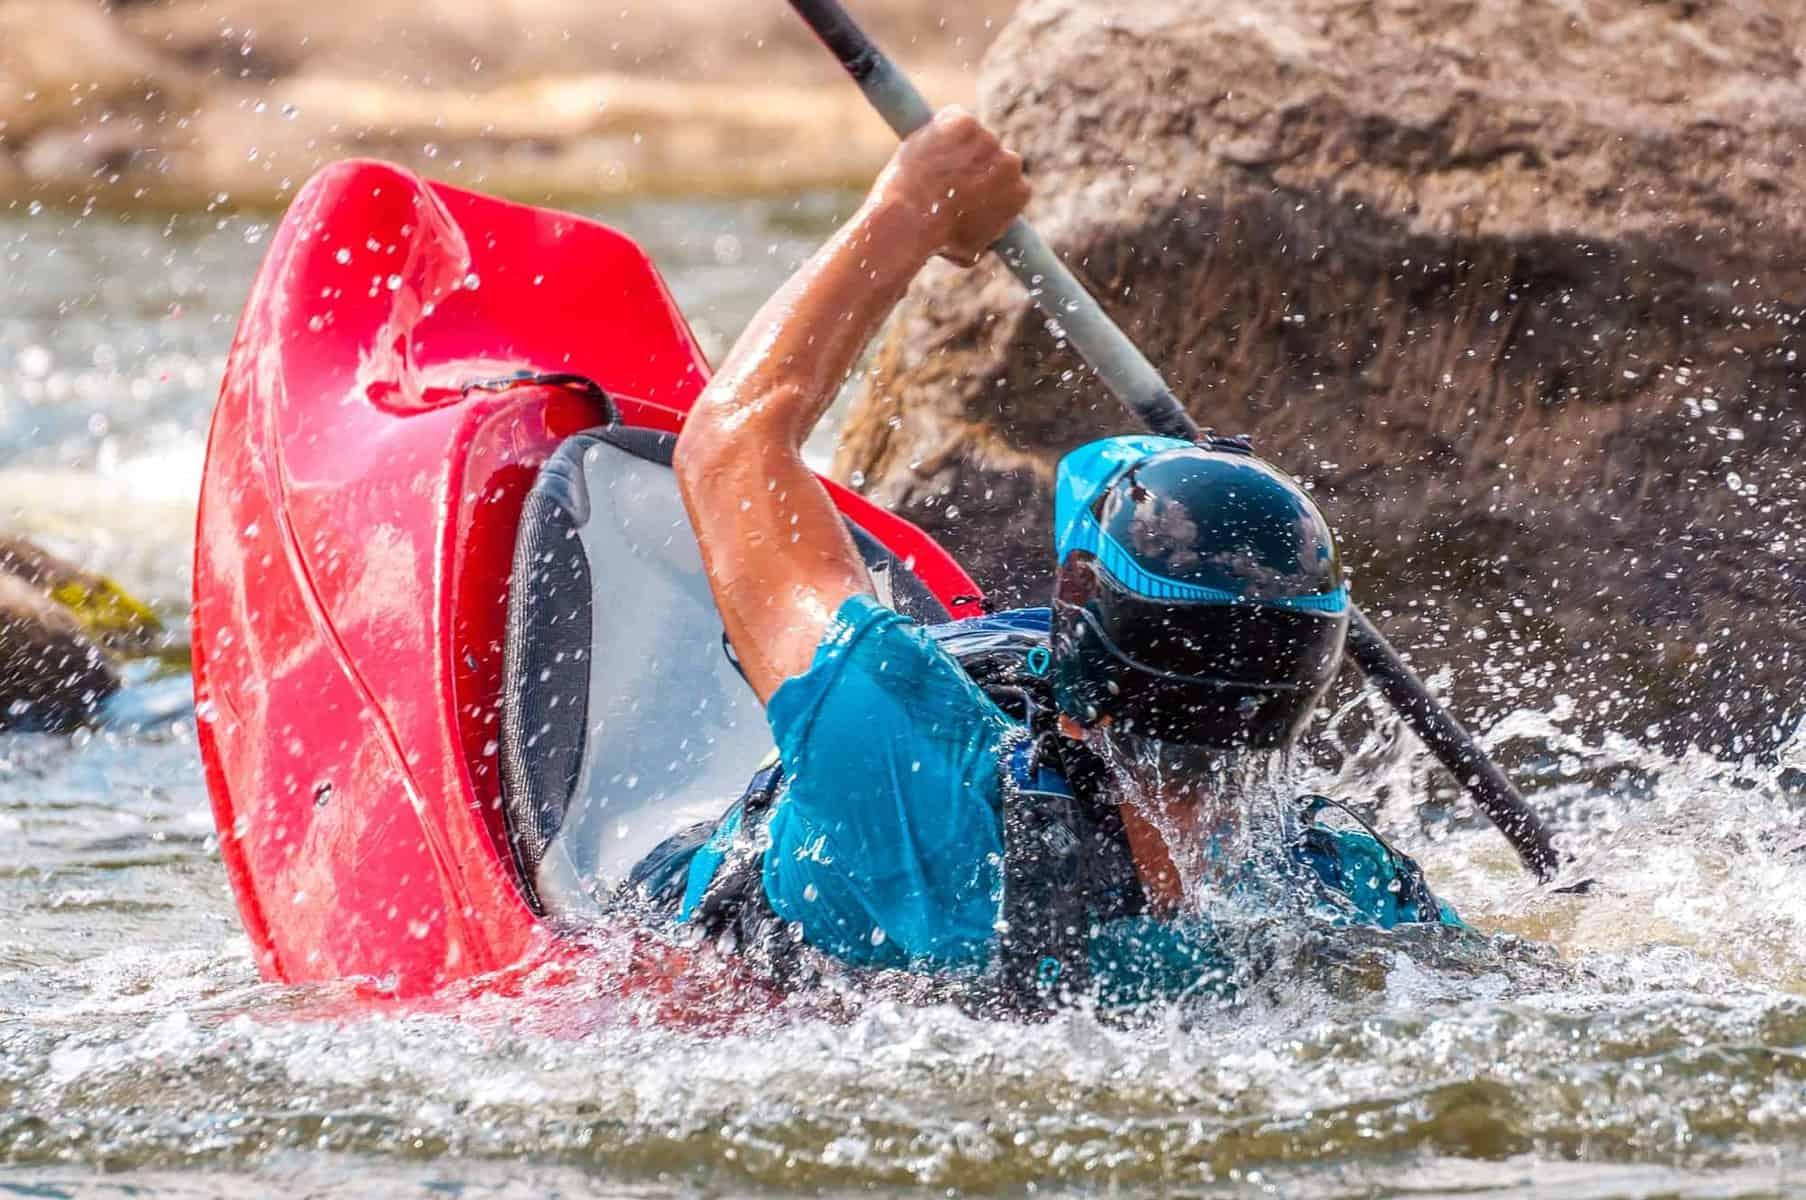 whitewater kayaker rolling a kayak